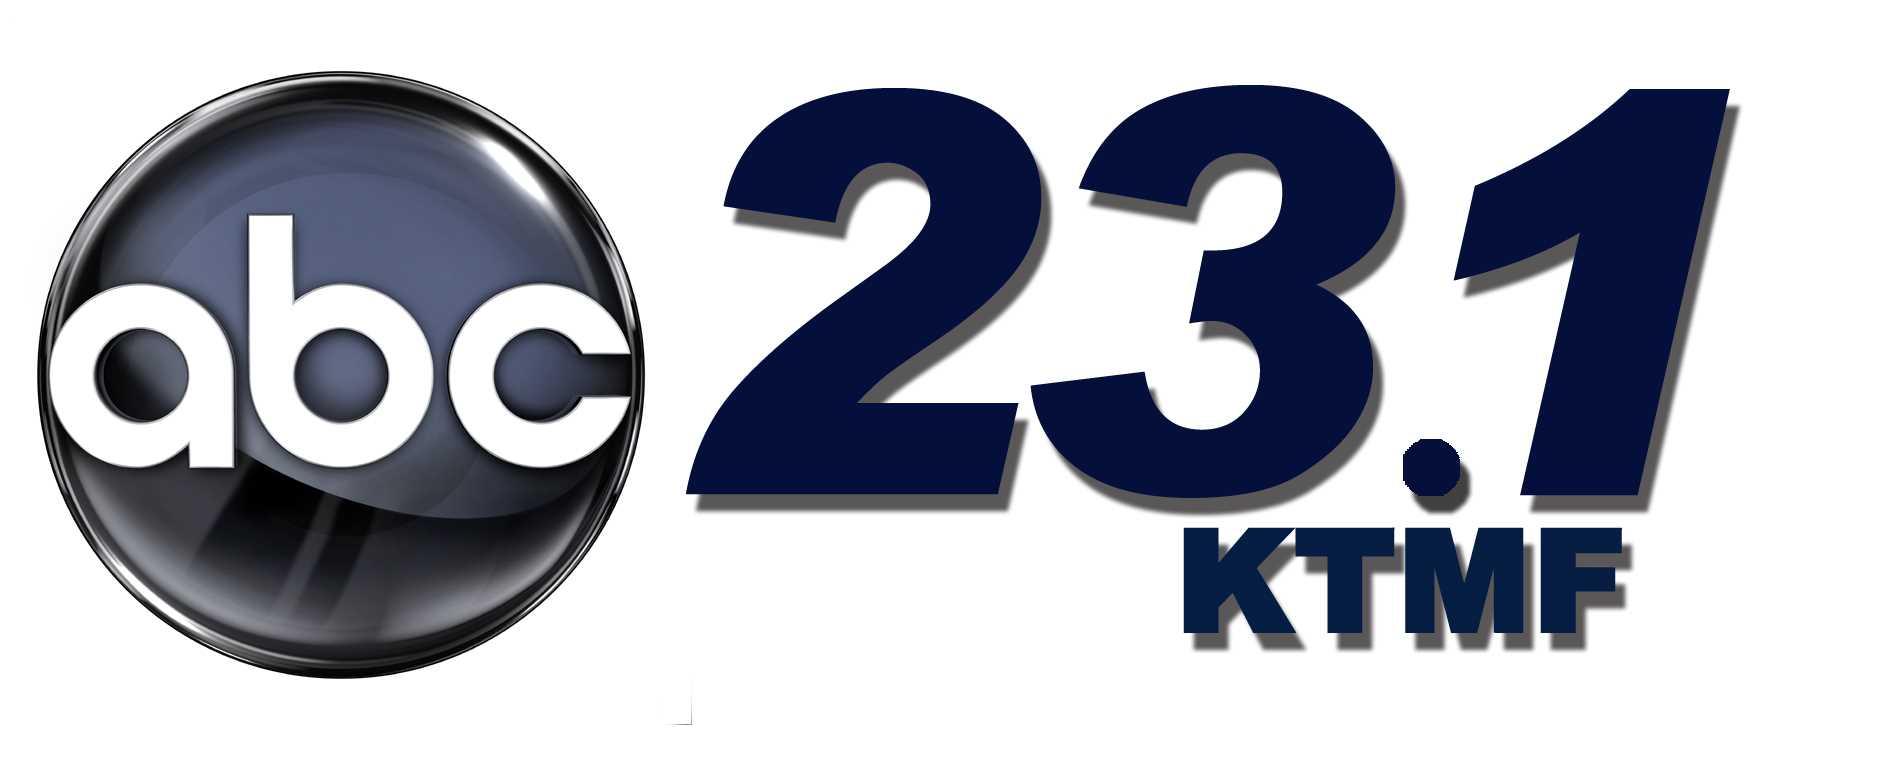 ABC 23.1